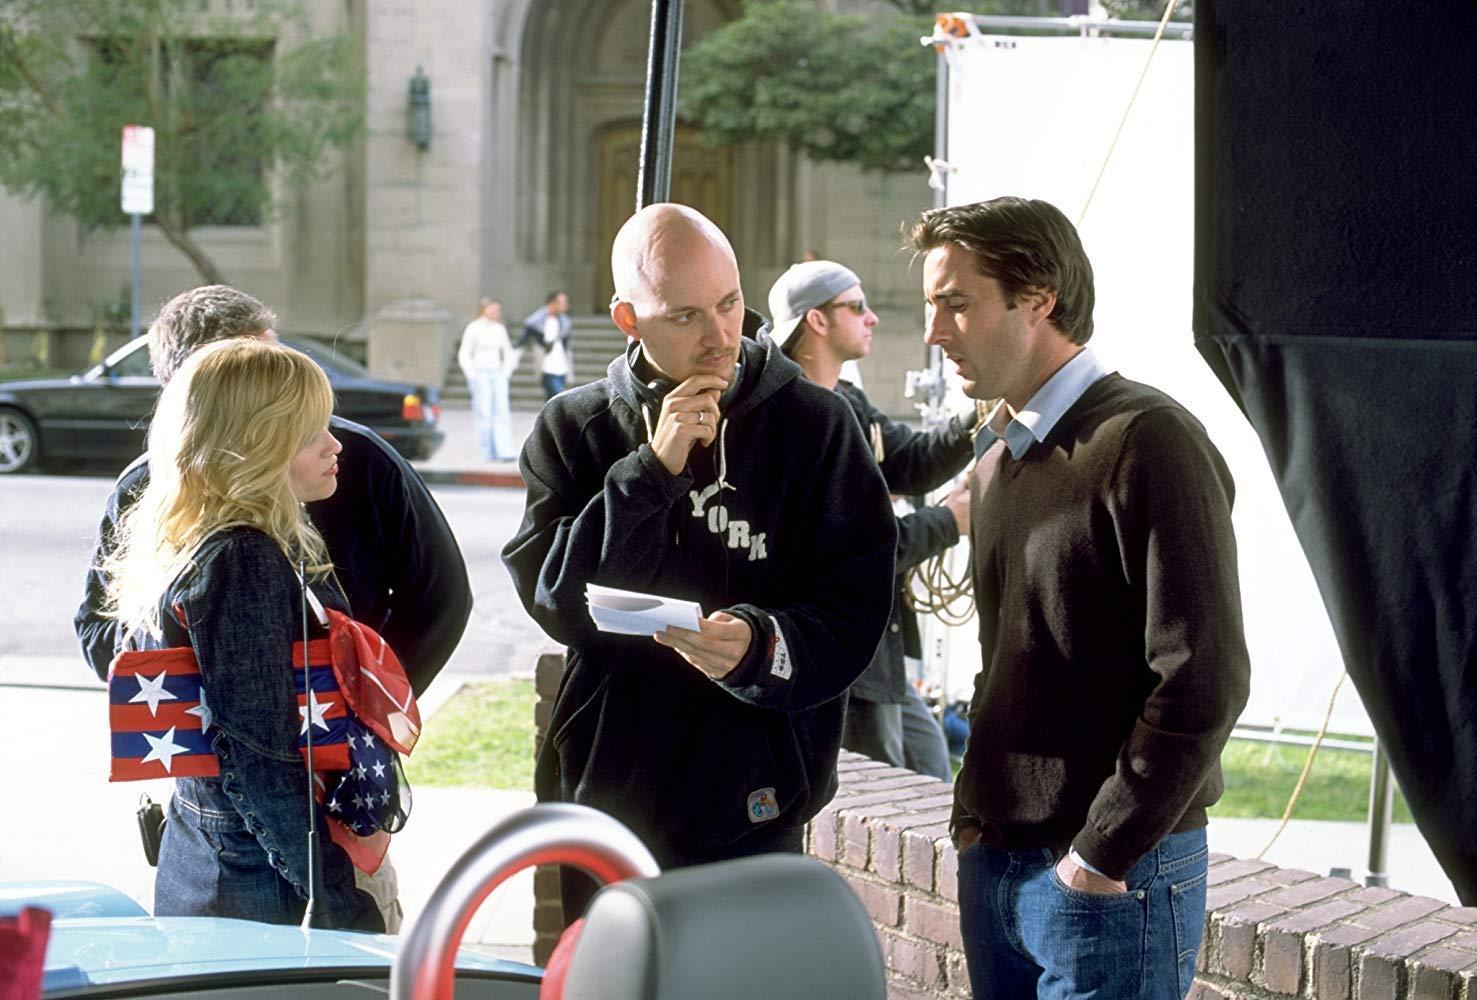 مشاهدة فيلم Legally Blonde 2 Red White Blonde 2003 HD مترجم كامل اون لاين